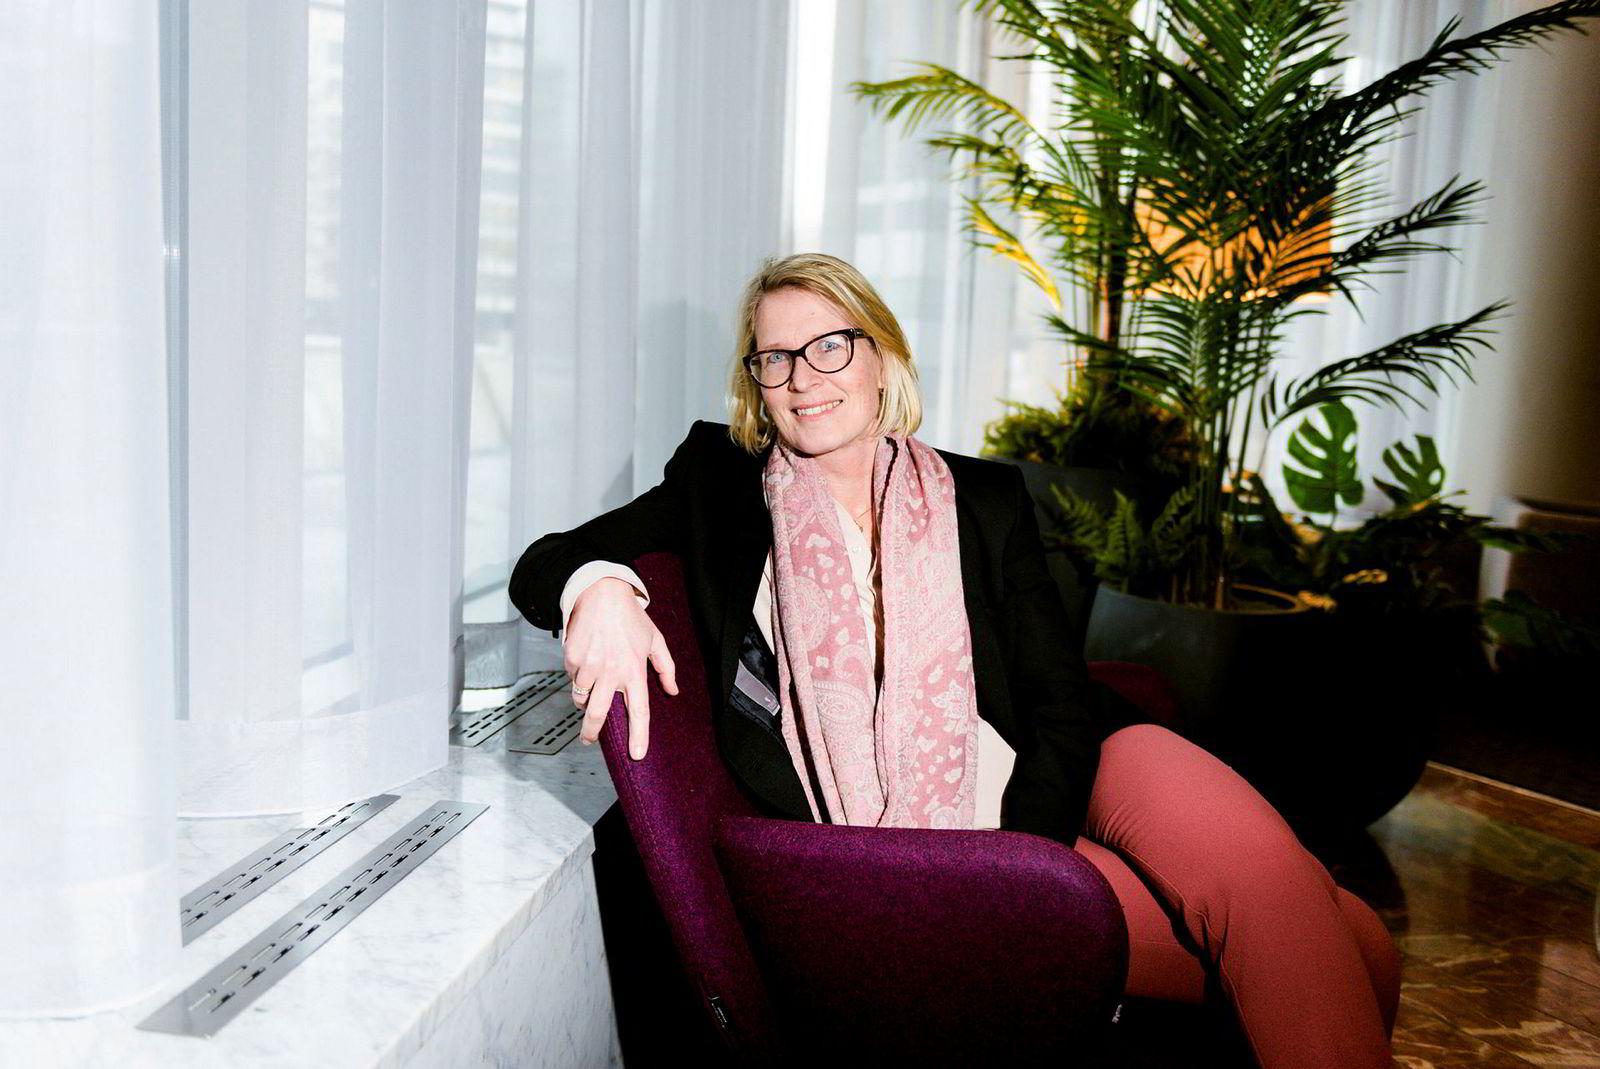 – Fra oktober av er 33 prosent av Telenors konserndirektører kvinner, sier Telenors hr direktør, Cecilie Blydt Heuch.